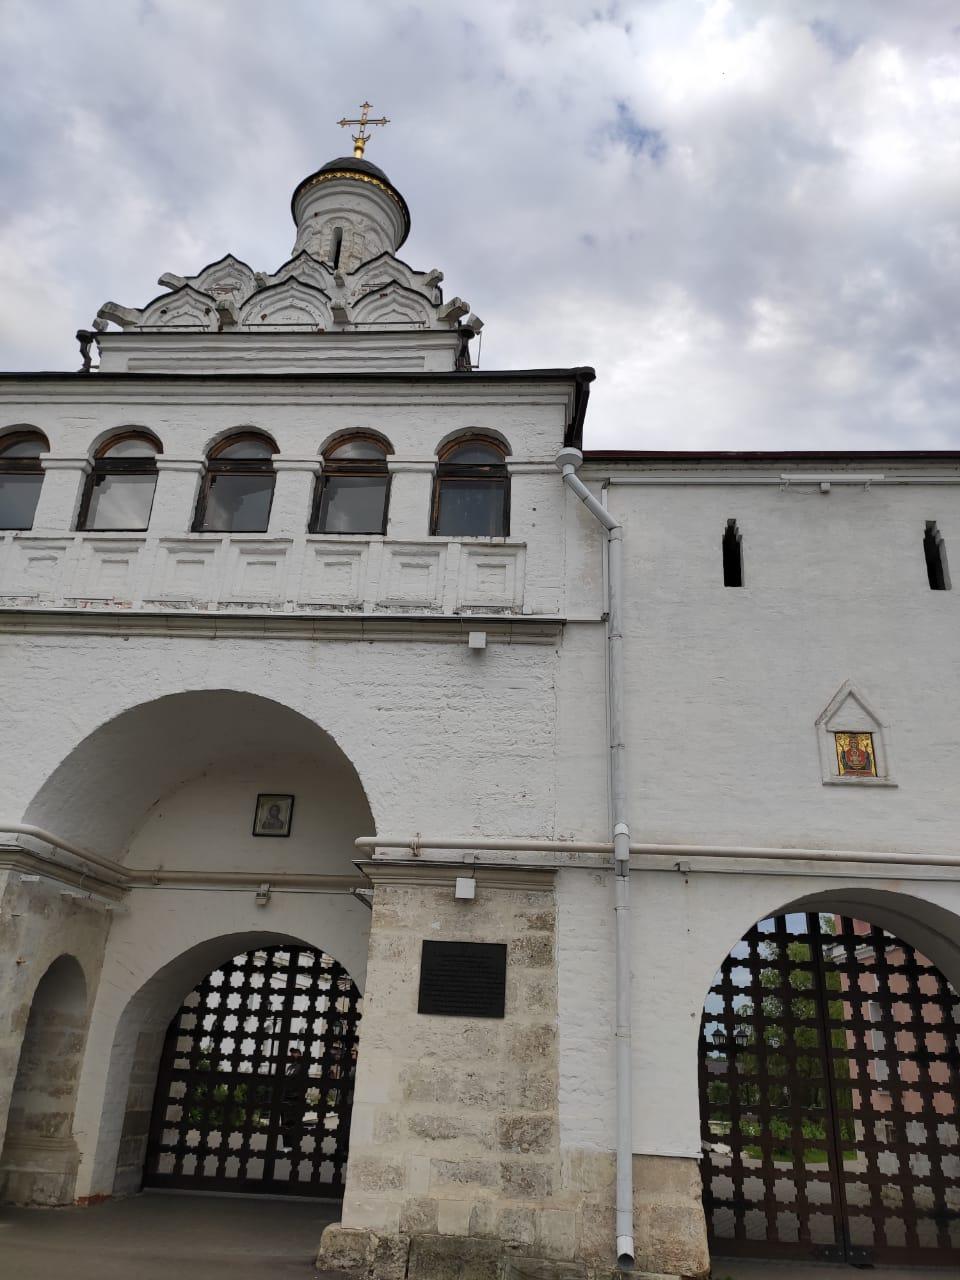 Святые ворота и Надвратный храм Феодота Анкирского во Владычном монастыре, построенная игуменом Вассианом в конце XVI в. во имя священномученика Феодотия Анкирского.